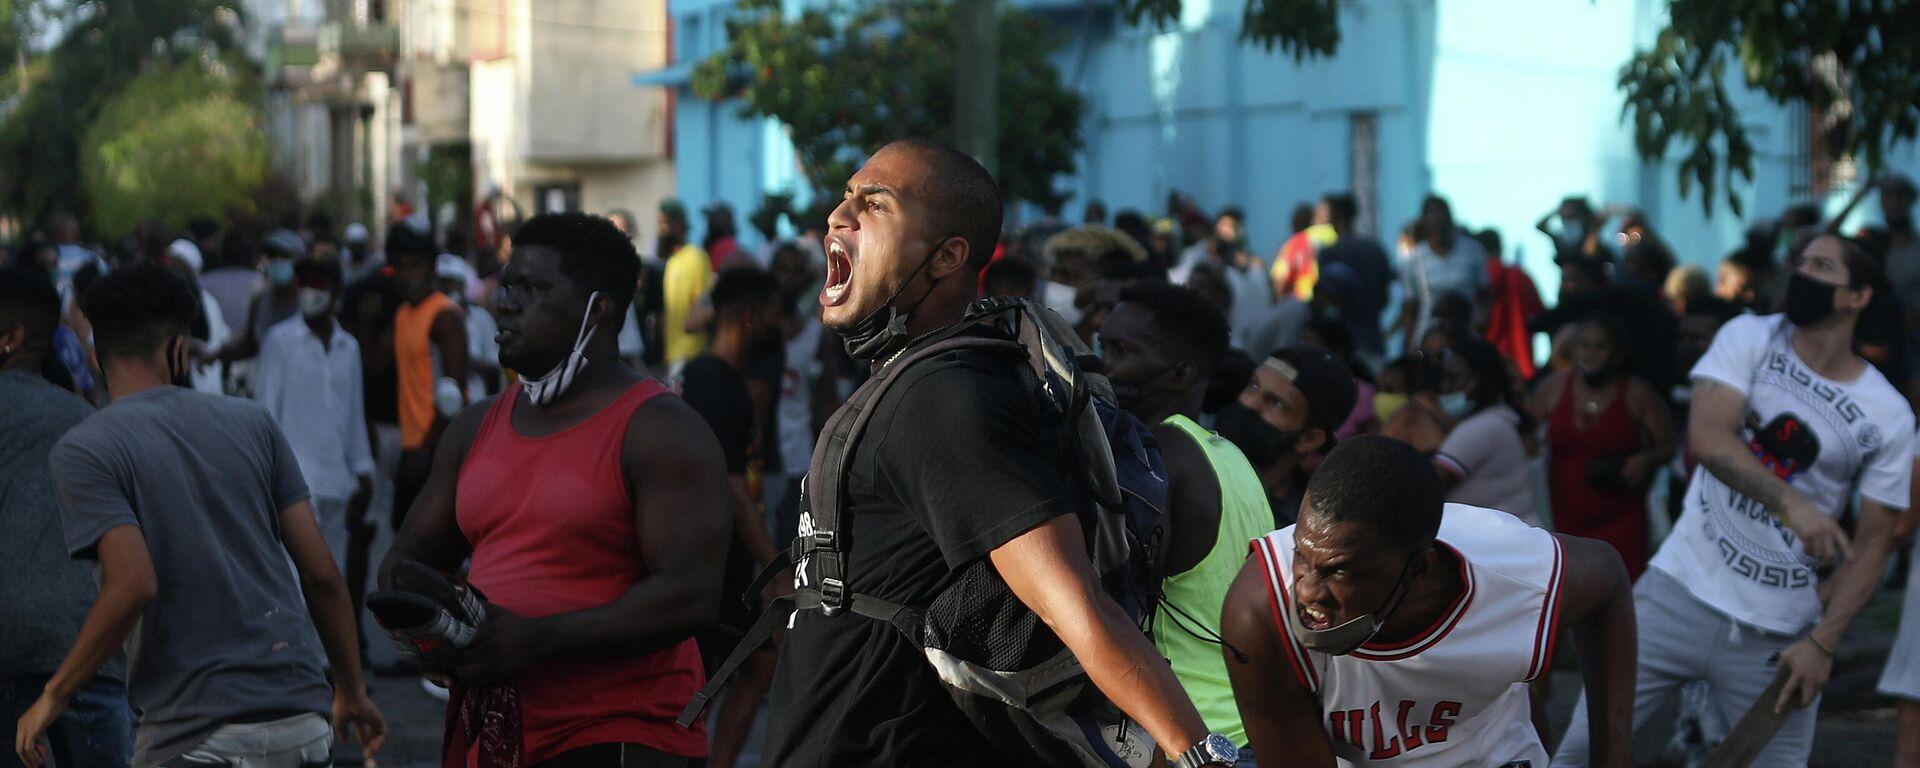 Protestas en La Habana  - Sputnik Mundo, 1920, 13.07.2021